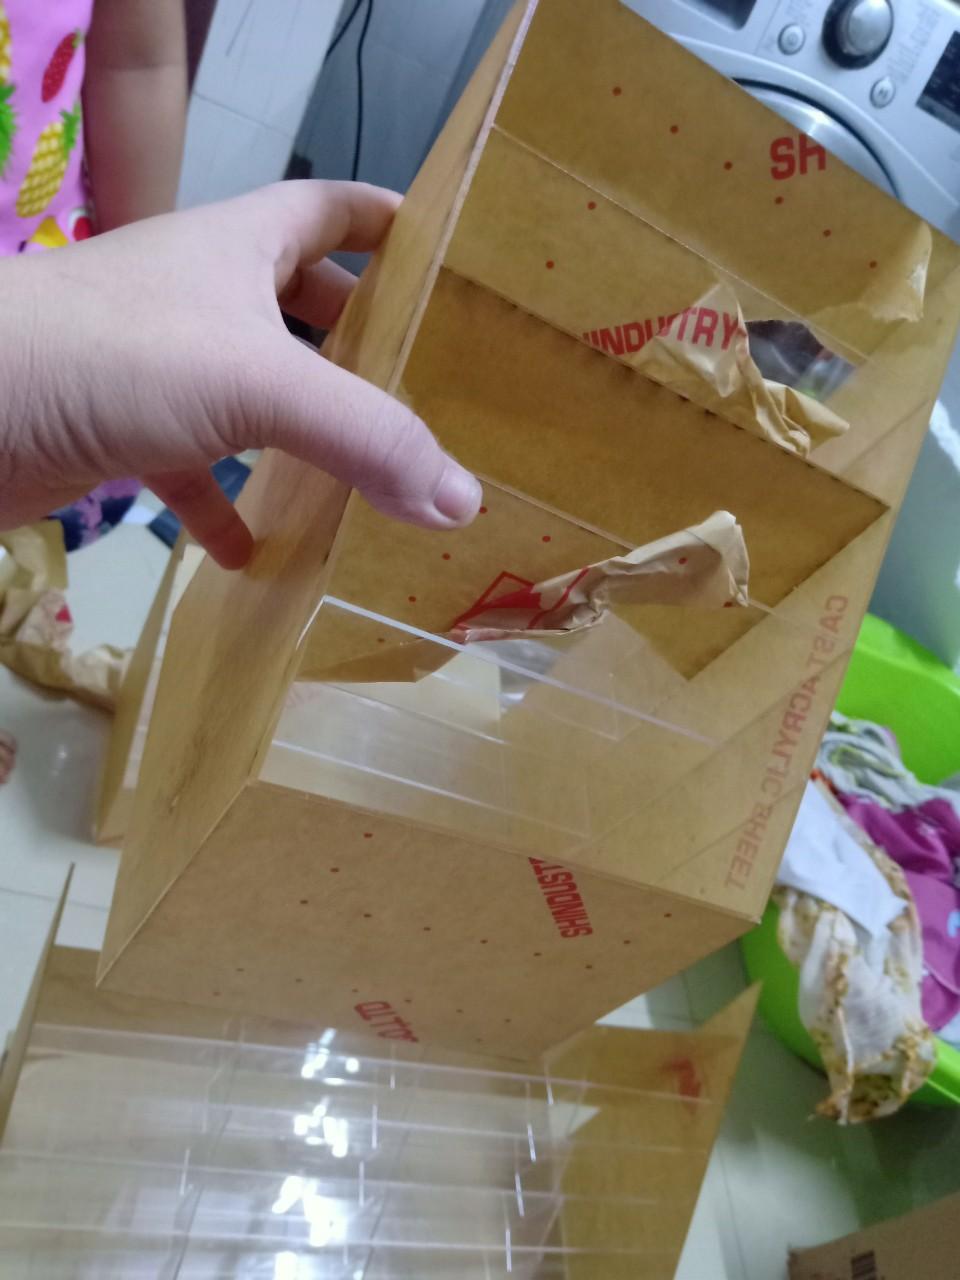 Gia công mica, hộp mica trưng bày TPHCM